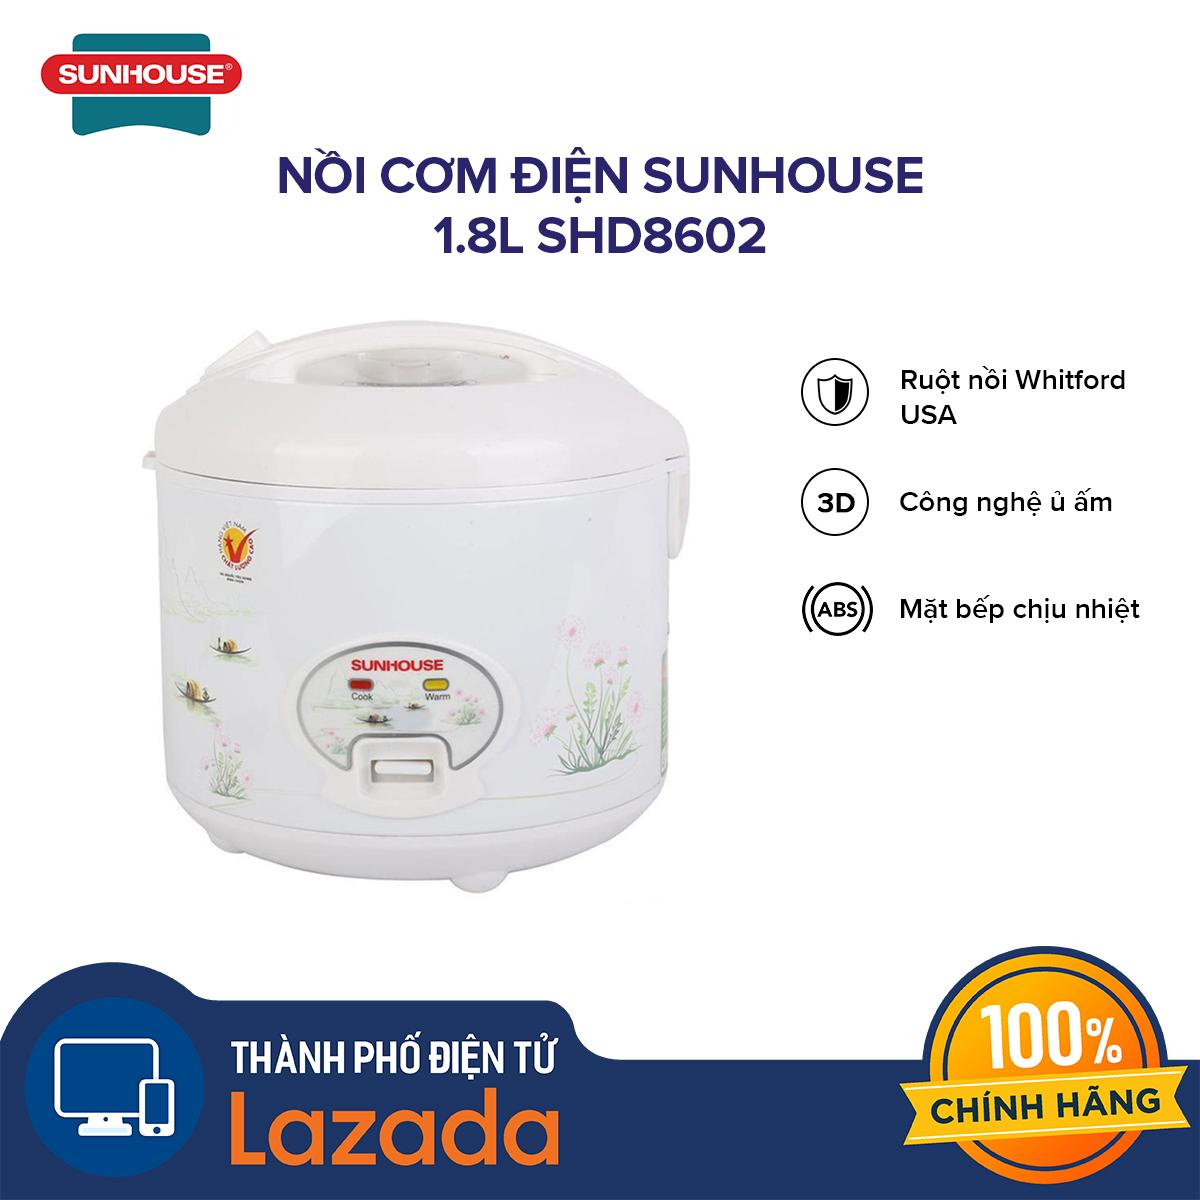 Giá Nồi cơm điện Sunhouse 1.8L SHD8602 - thích hợp với nhu cầu sử dụng hàng ngày của những gia đình 4-6 thành viên - Hãng phân phối chính thức